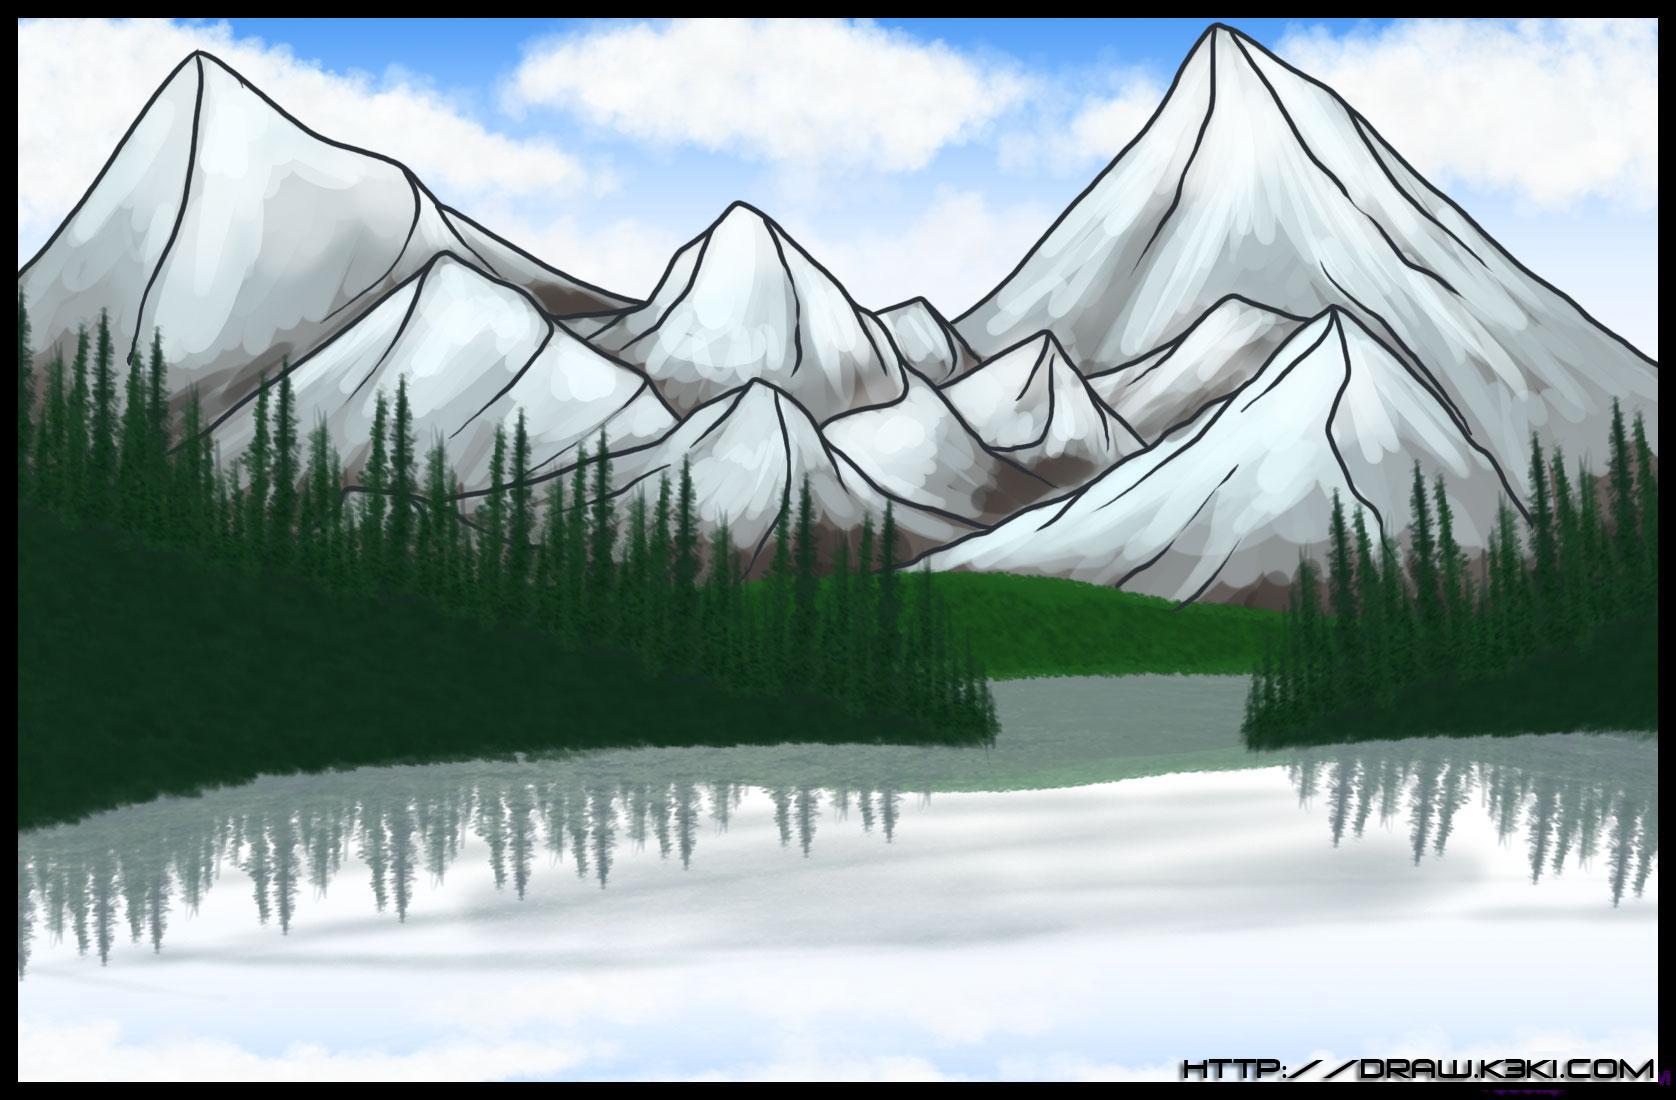 كيفية رسم جبل مع منظر طبيعي